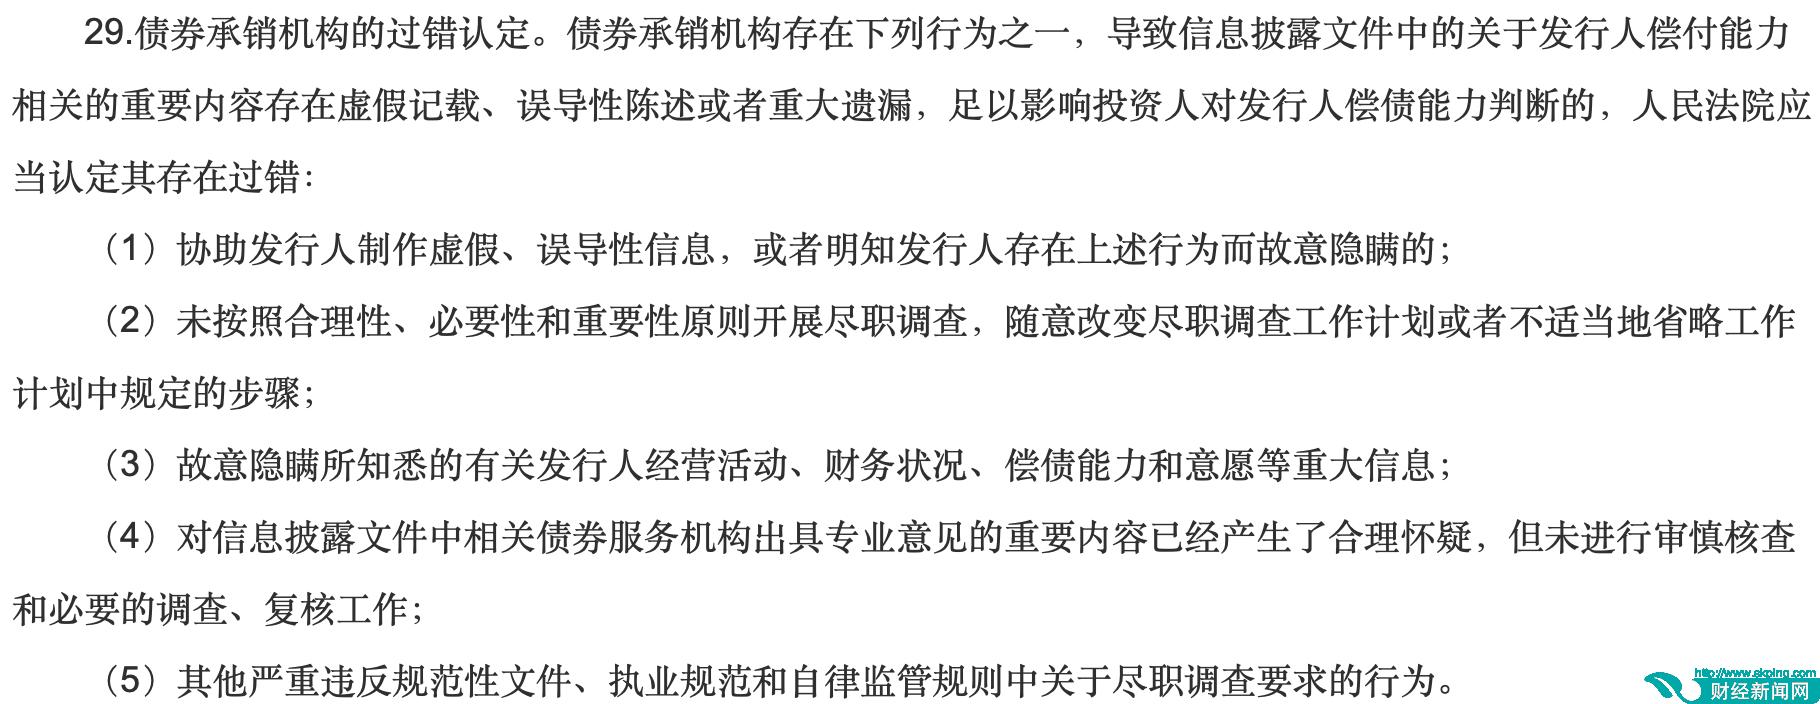 永煤违约后续:交易商协会启动对海通证券自律调查,称其涉嫌操纵市场